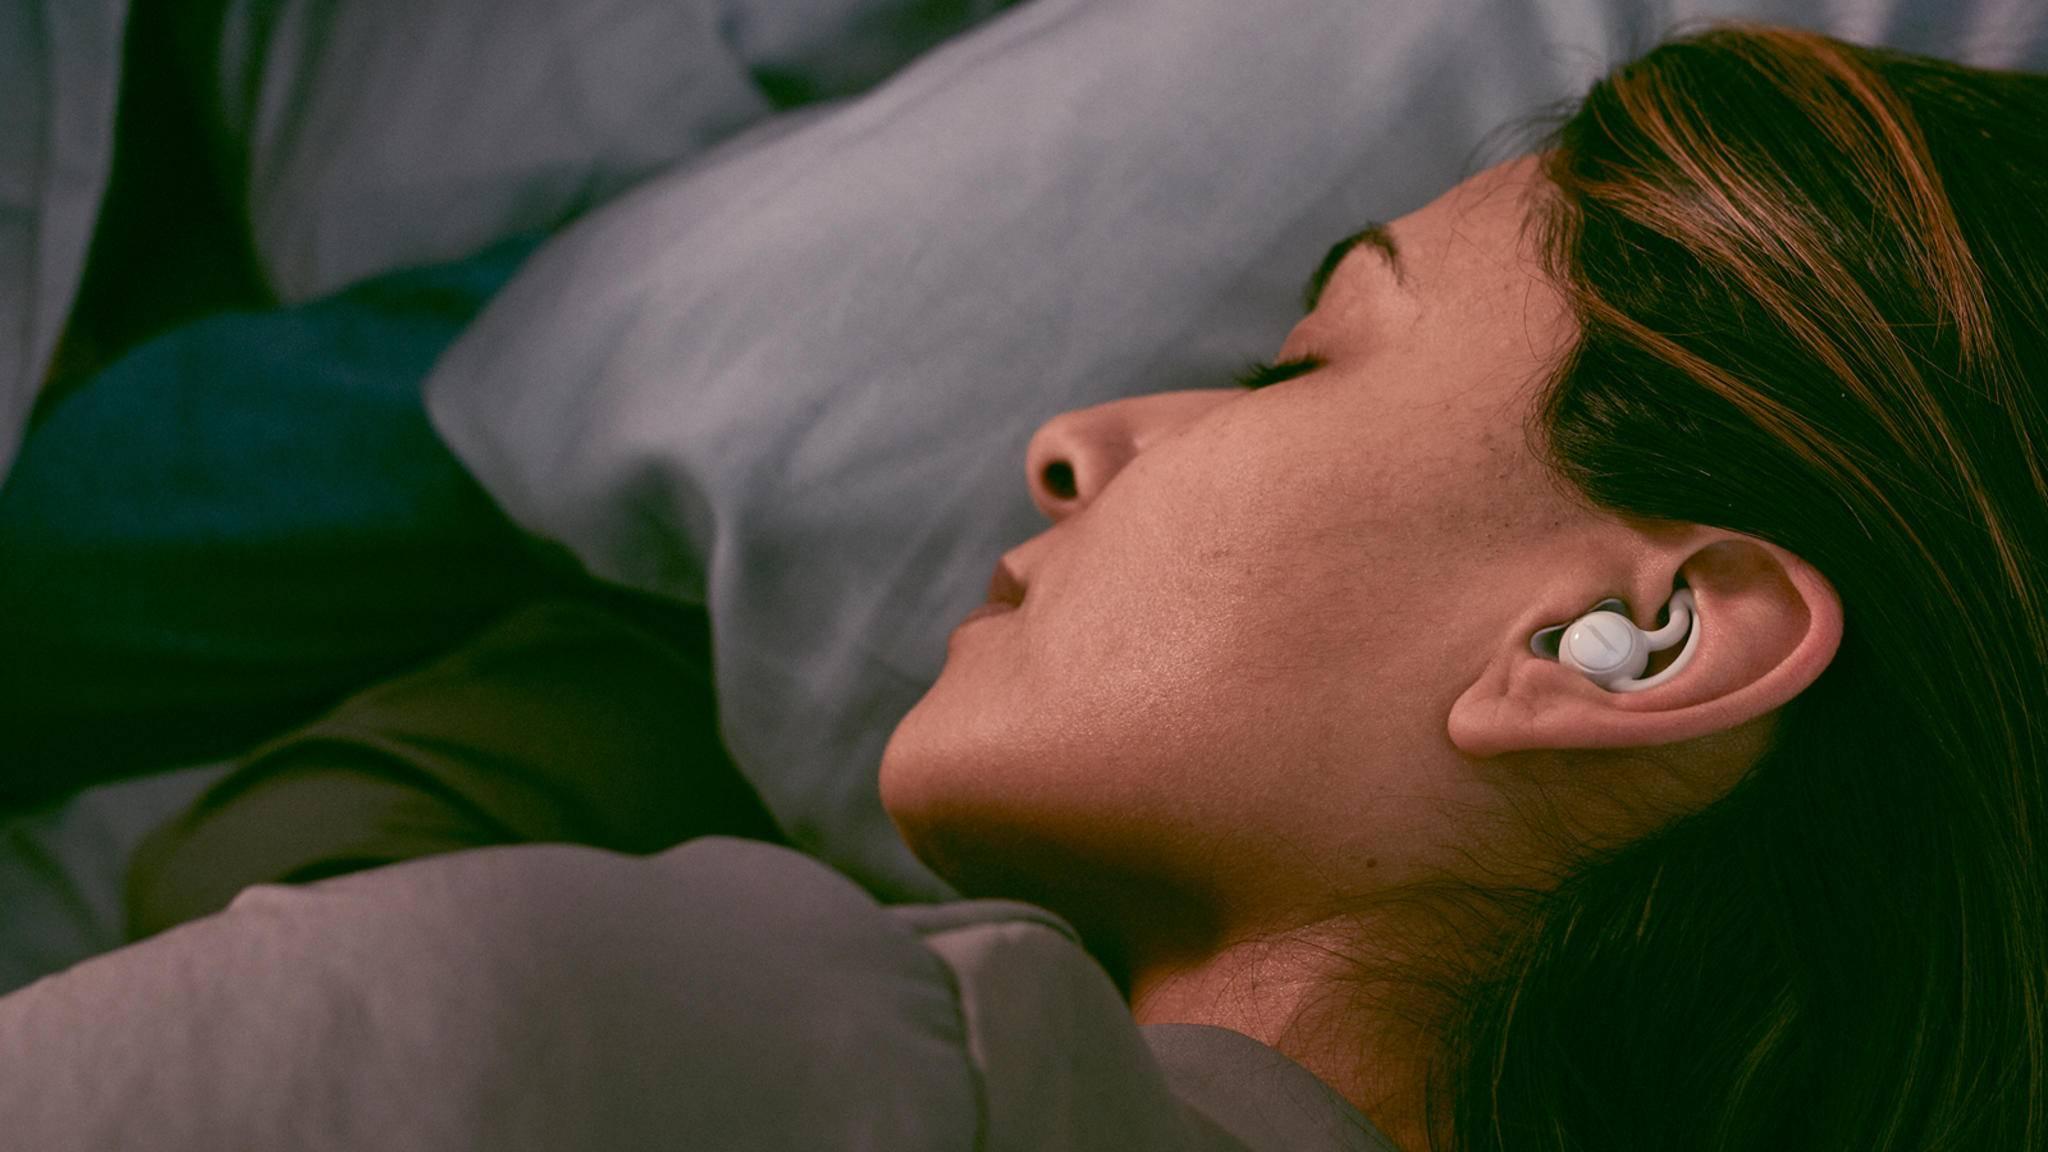 Dank der neuen Sleepbuds von Bose sollst Du in Zukunft besser schlafen können.